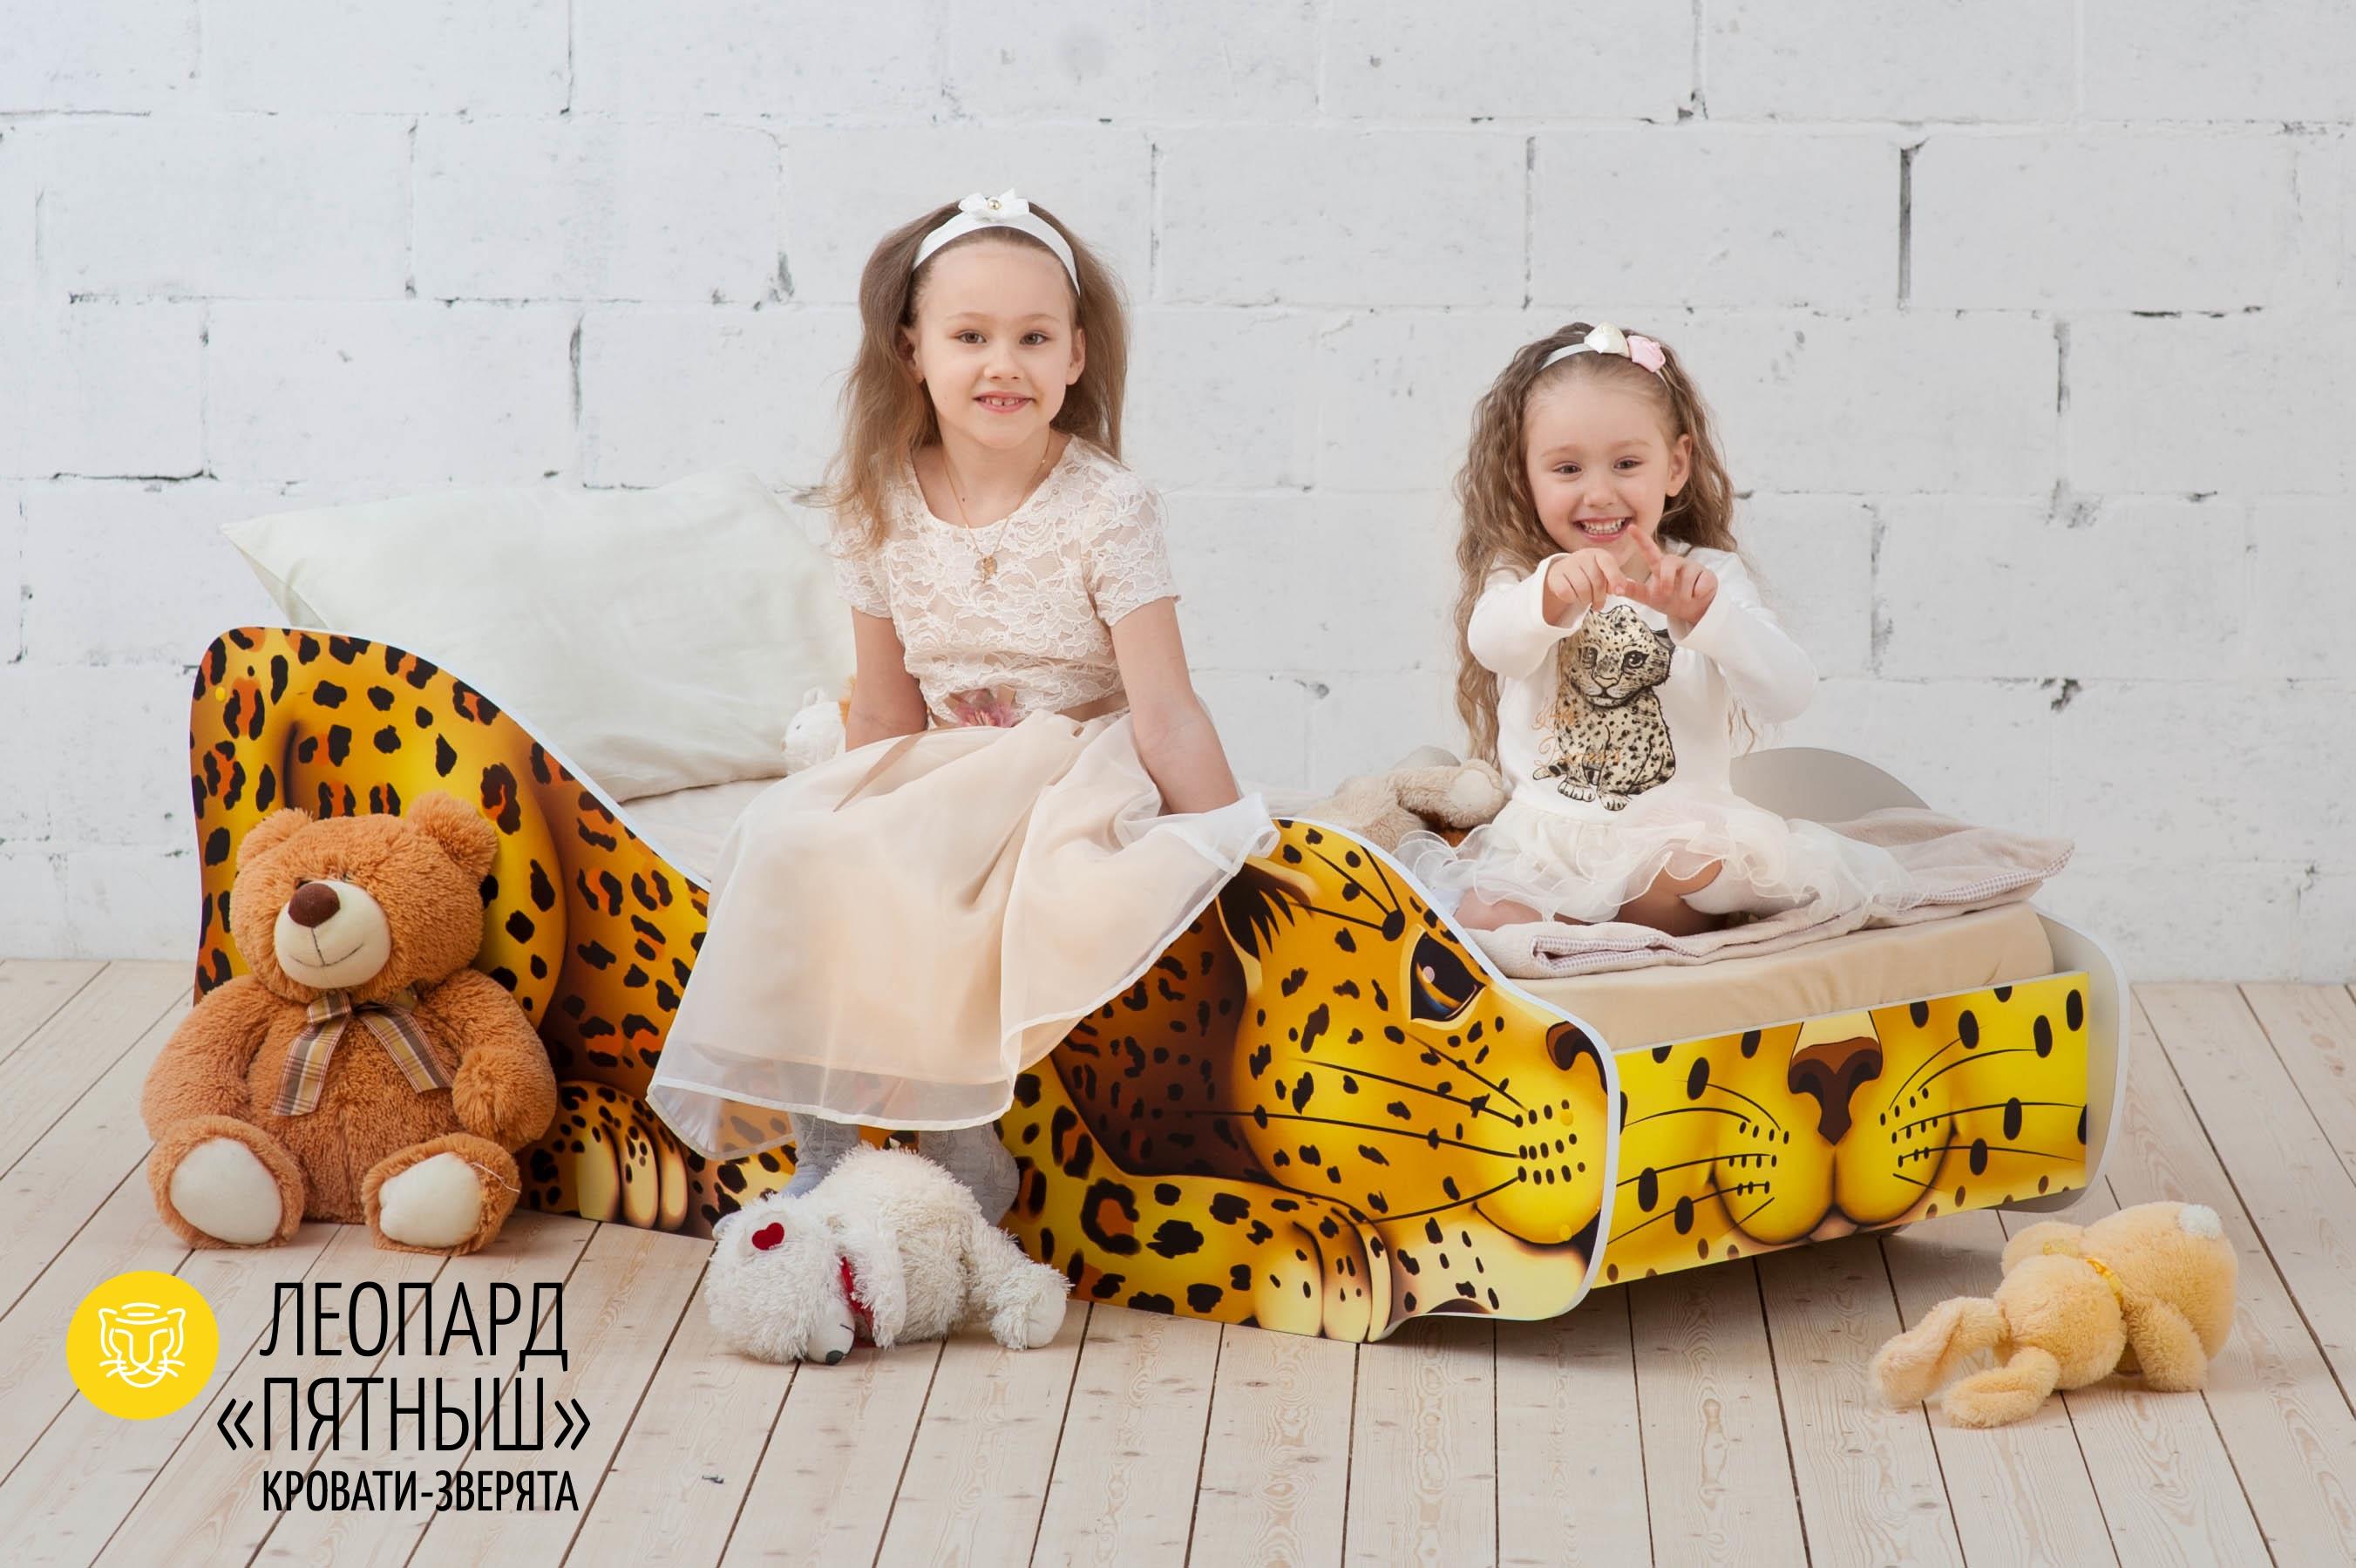 Детская кровать-зверенок -Леопард-Пятныш-6